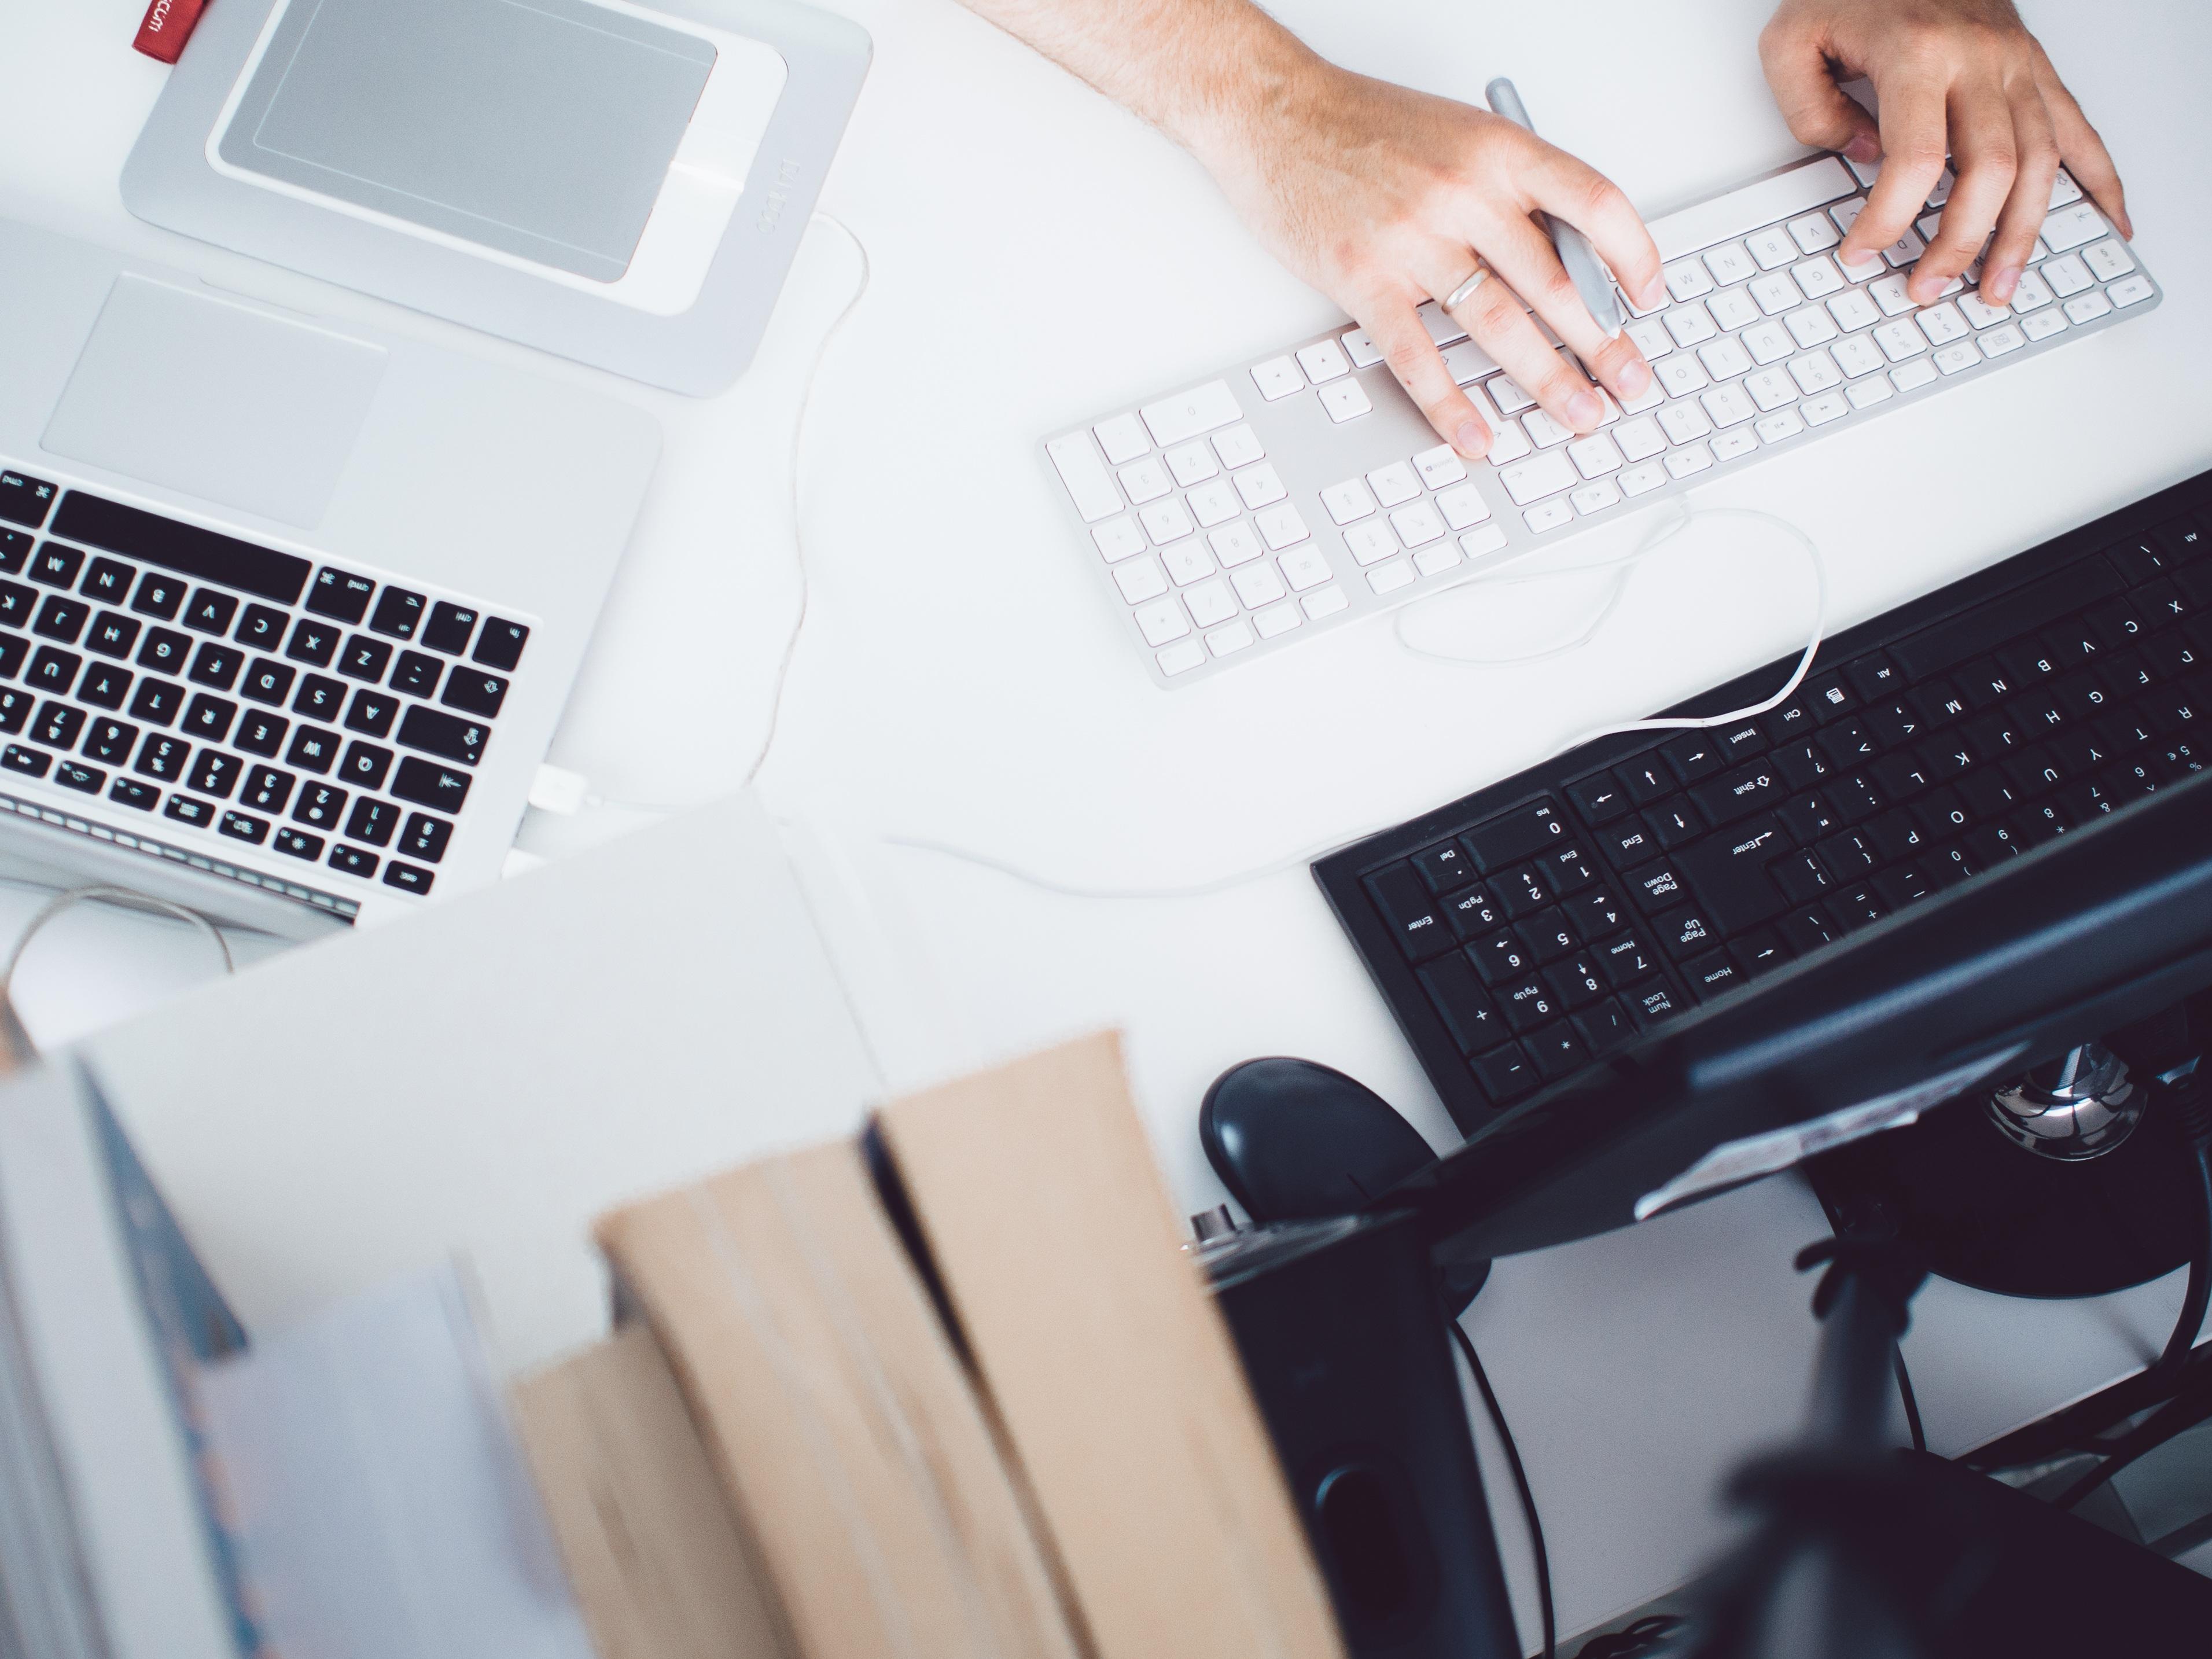 Kostenlose foto : Laptop, Schreibtisch, Computer, Macbook, Schreiben ...